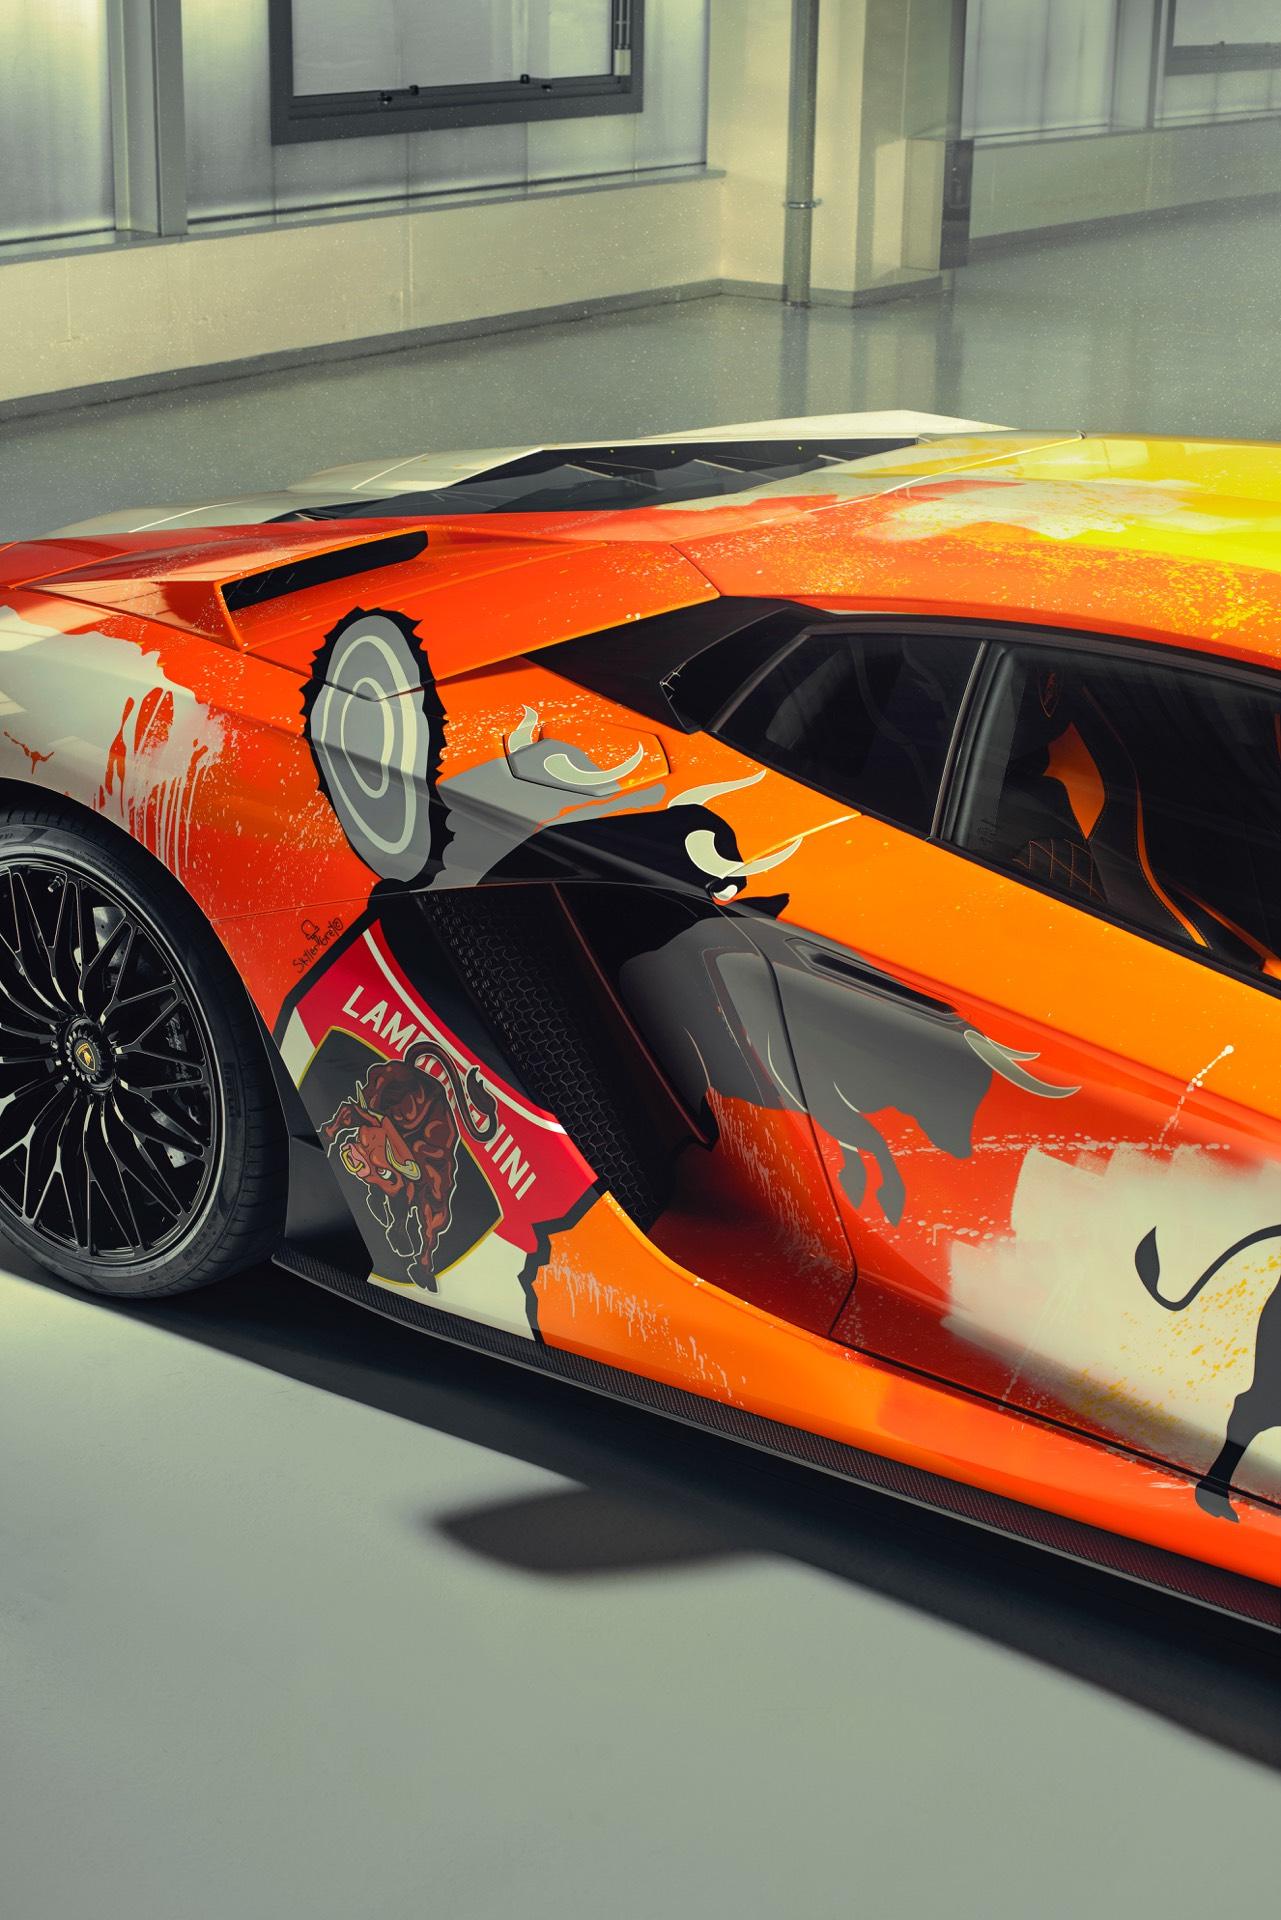 Skyler-Grey-Lamborghini-Aventador-S-Art-Car17